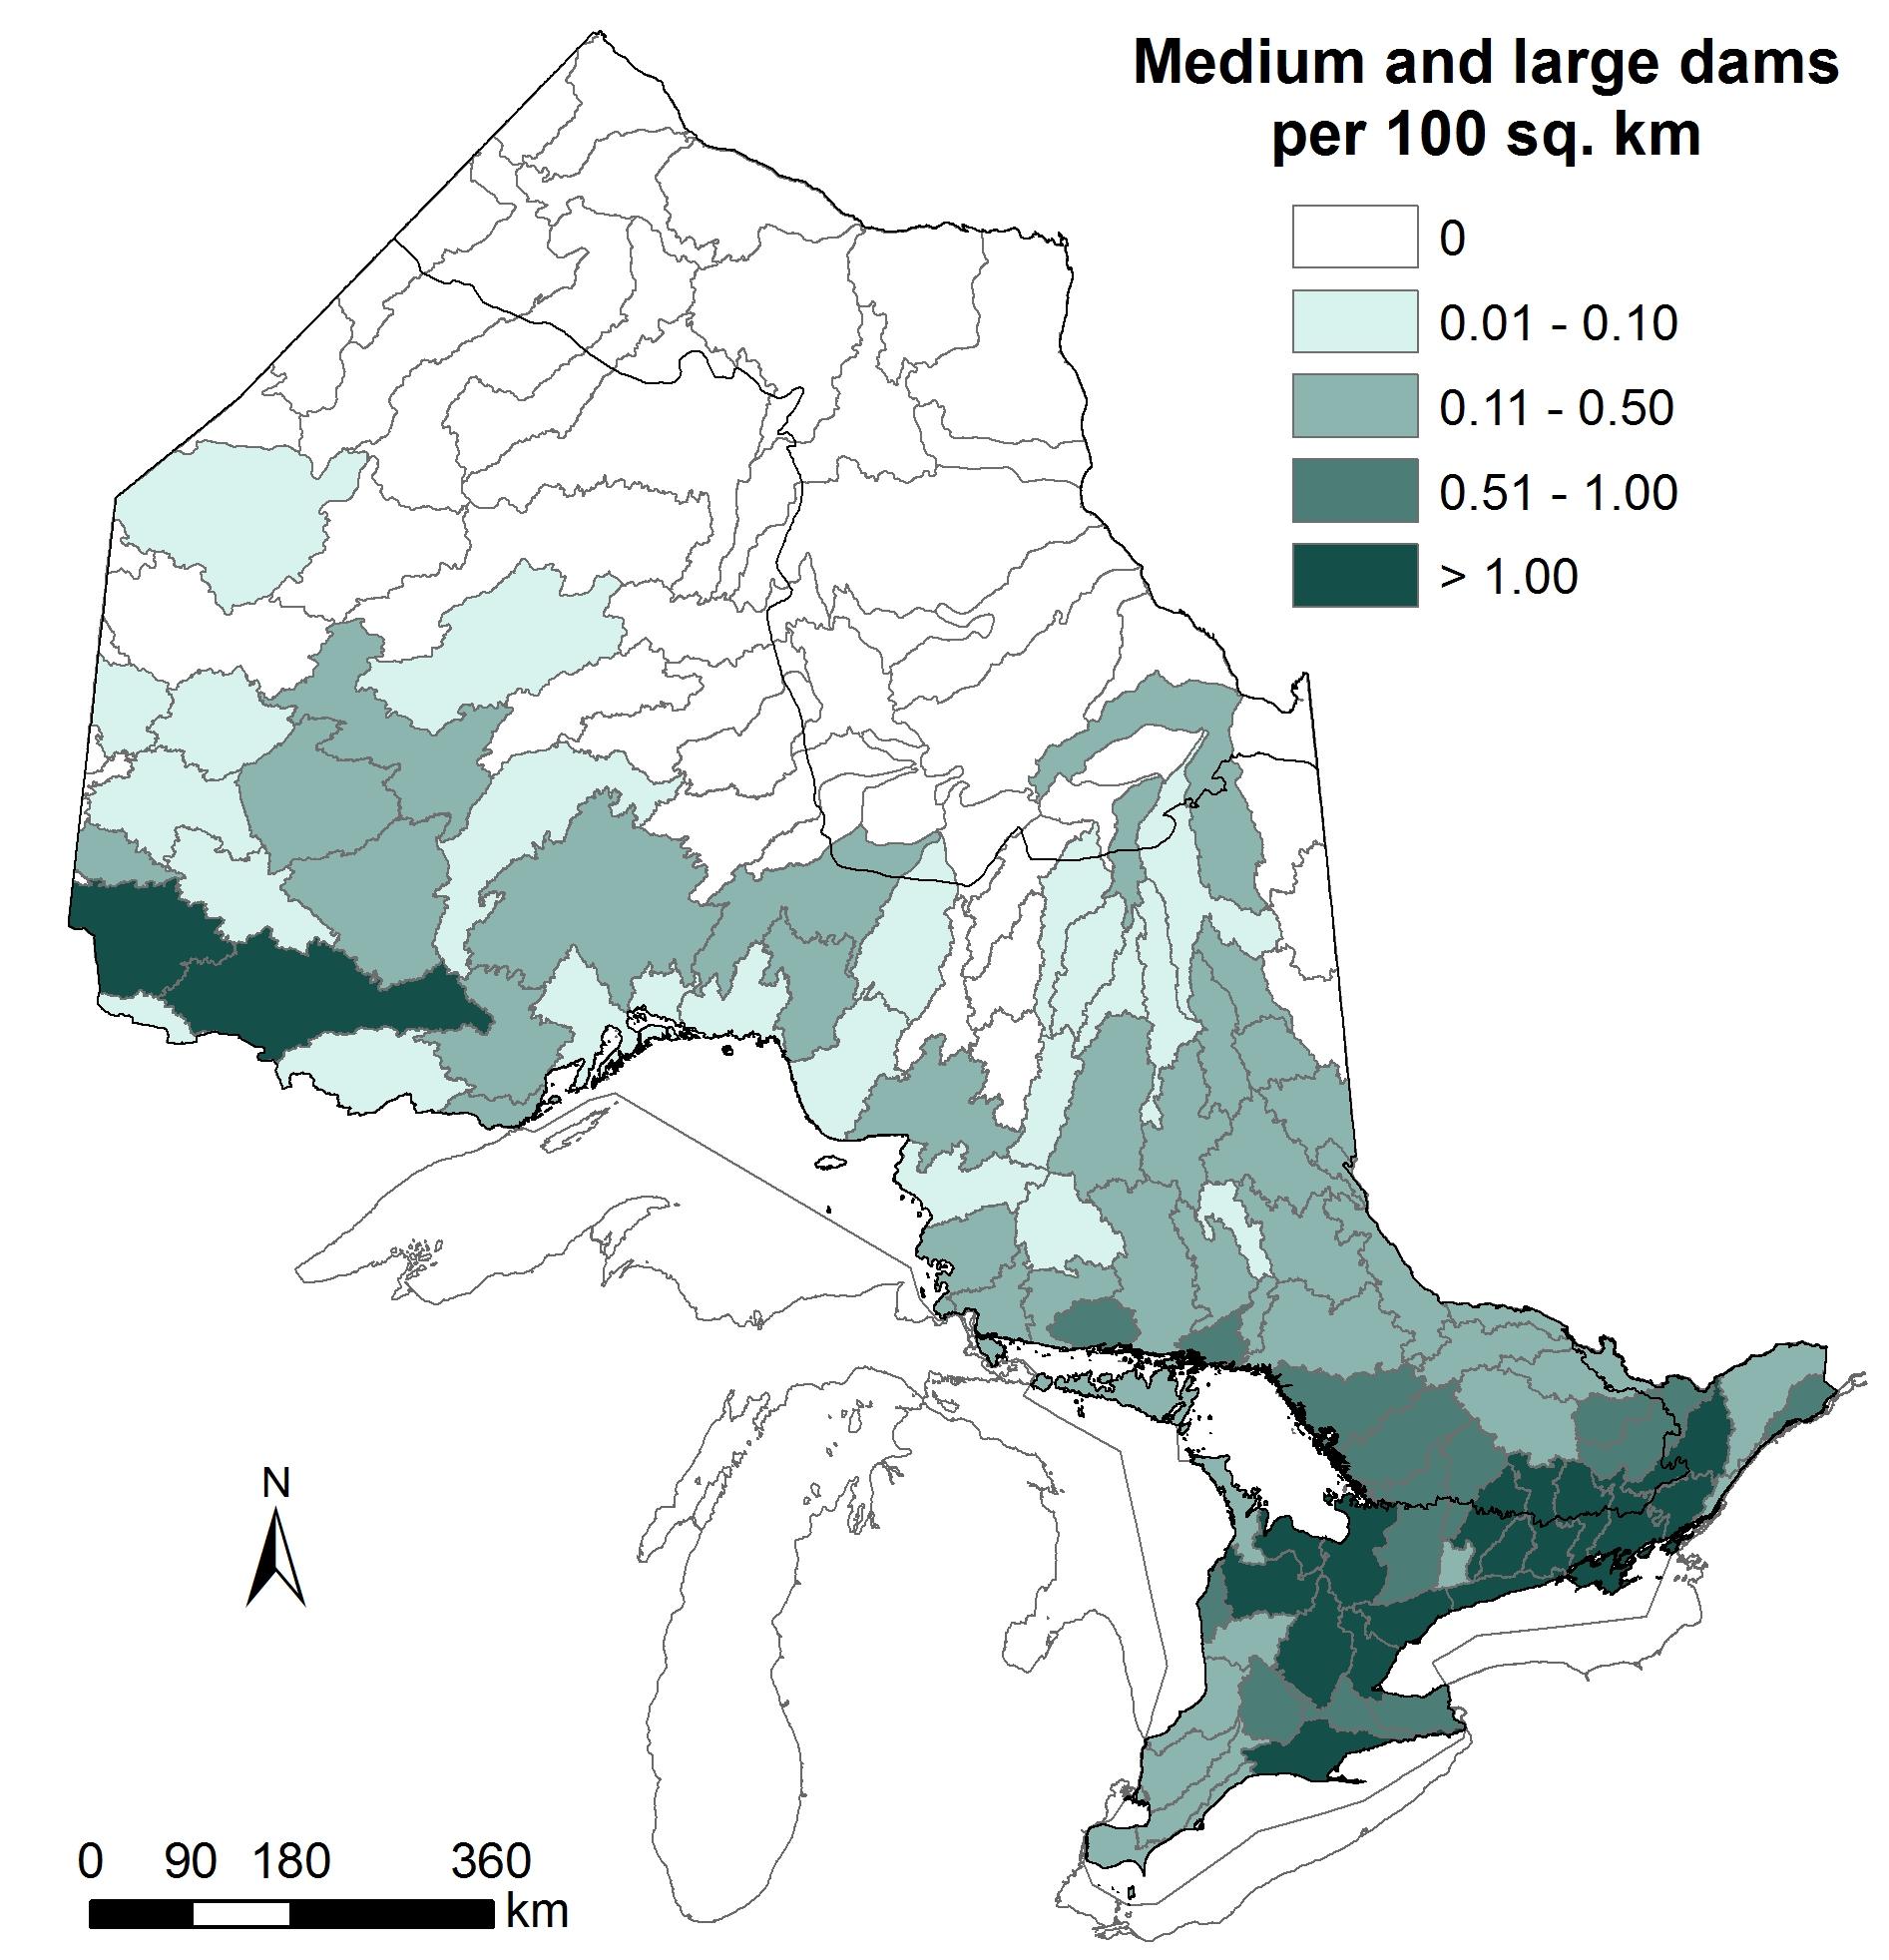 Dams per 100 sq km_w